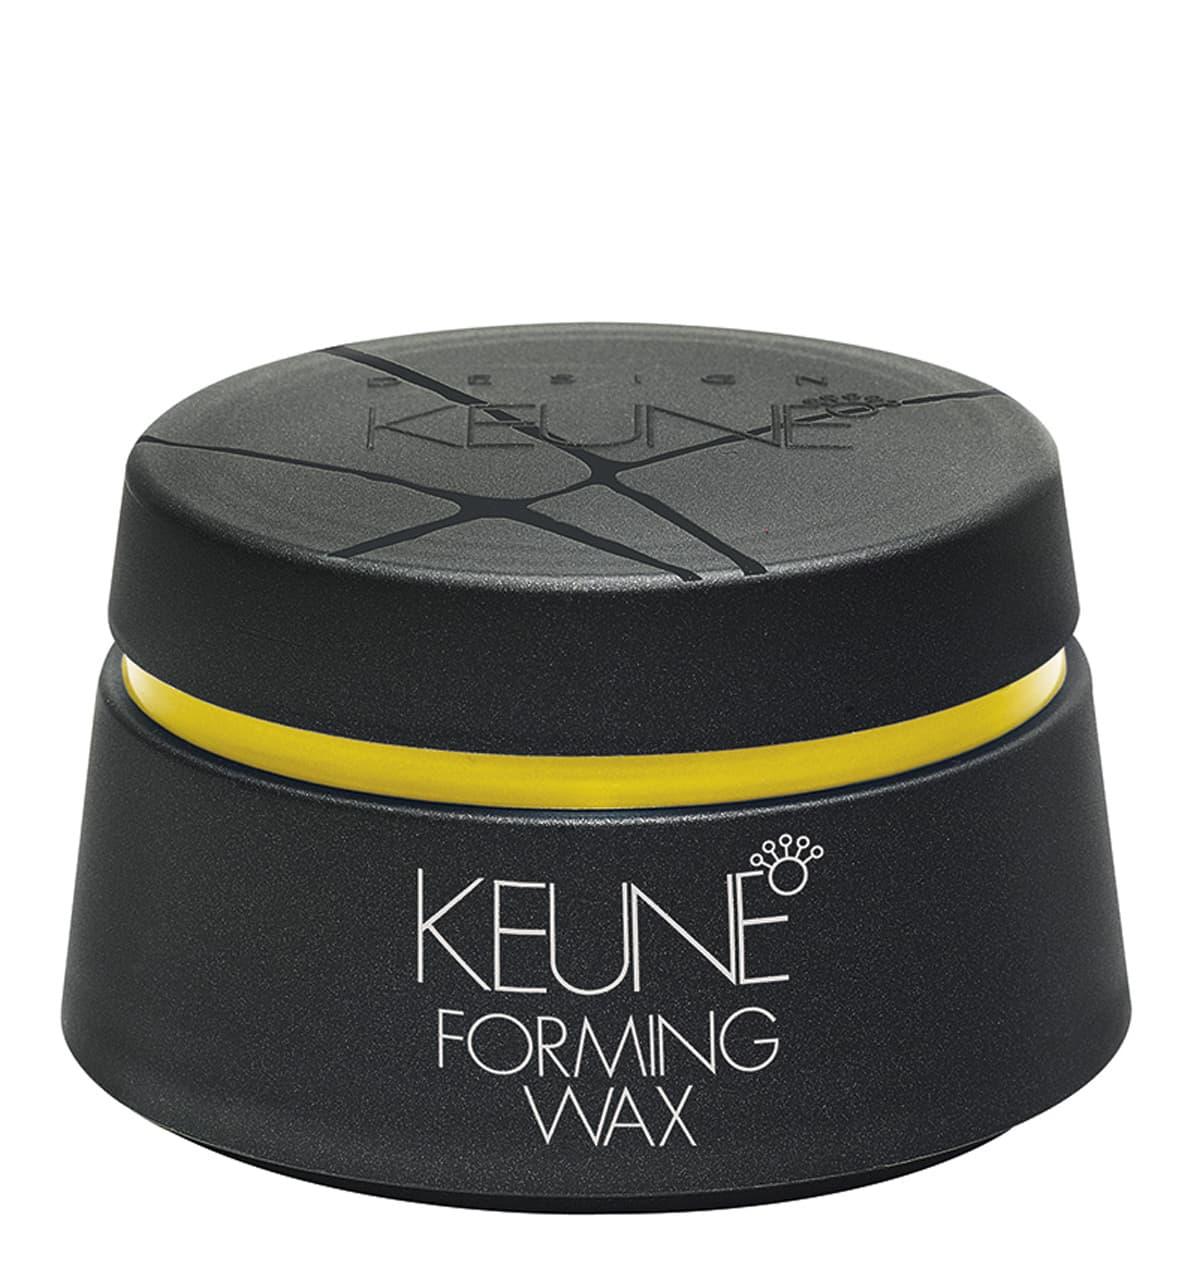 Keune Forming Wax Формирующий Воск